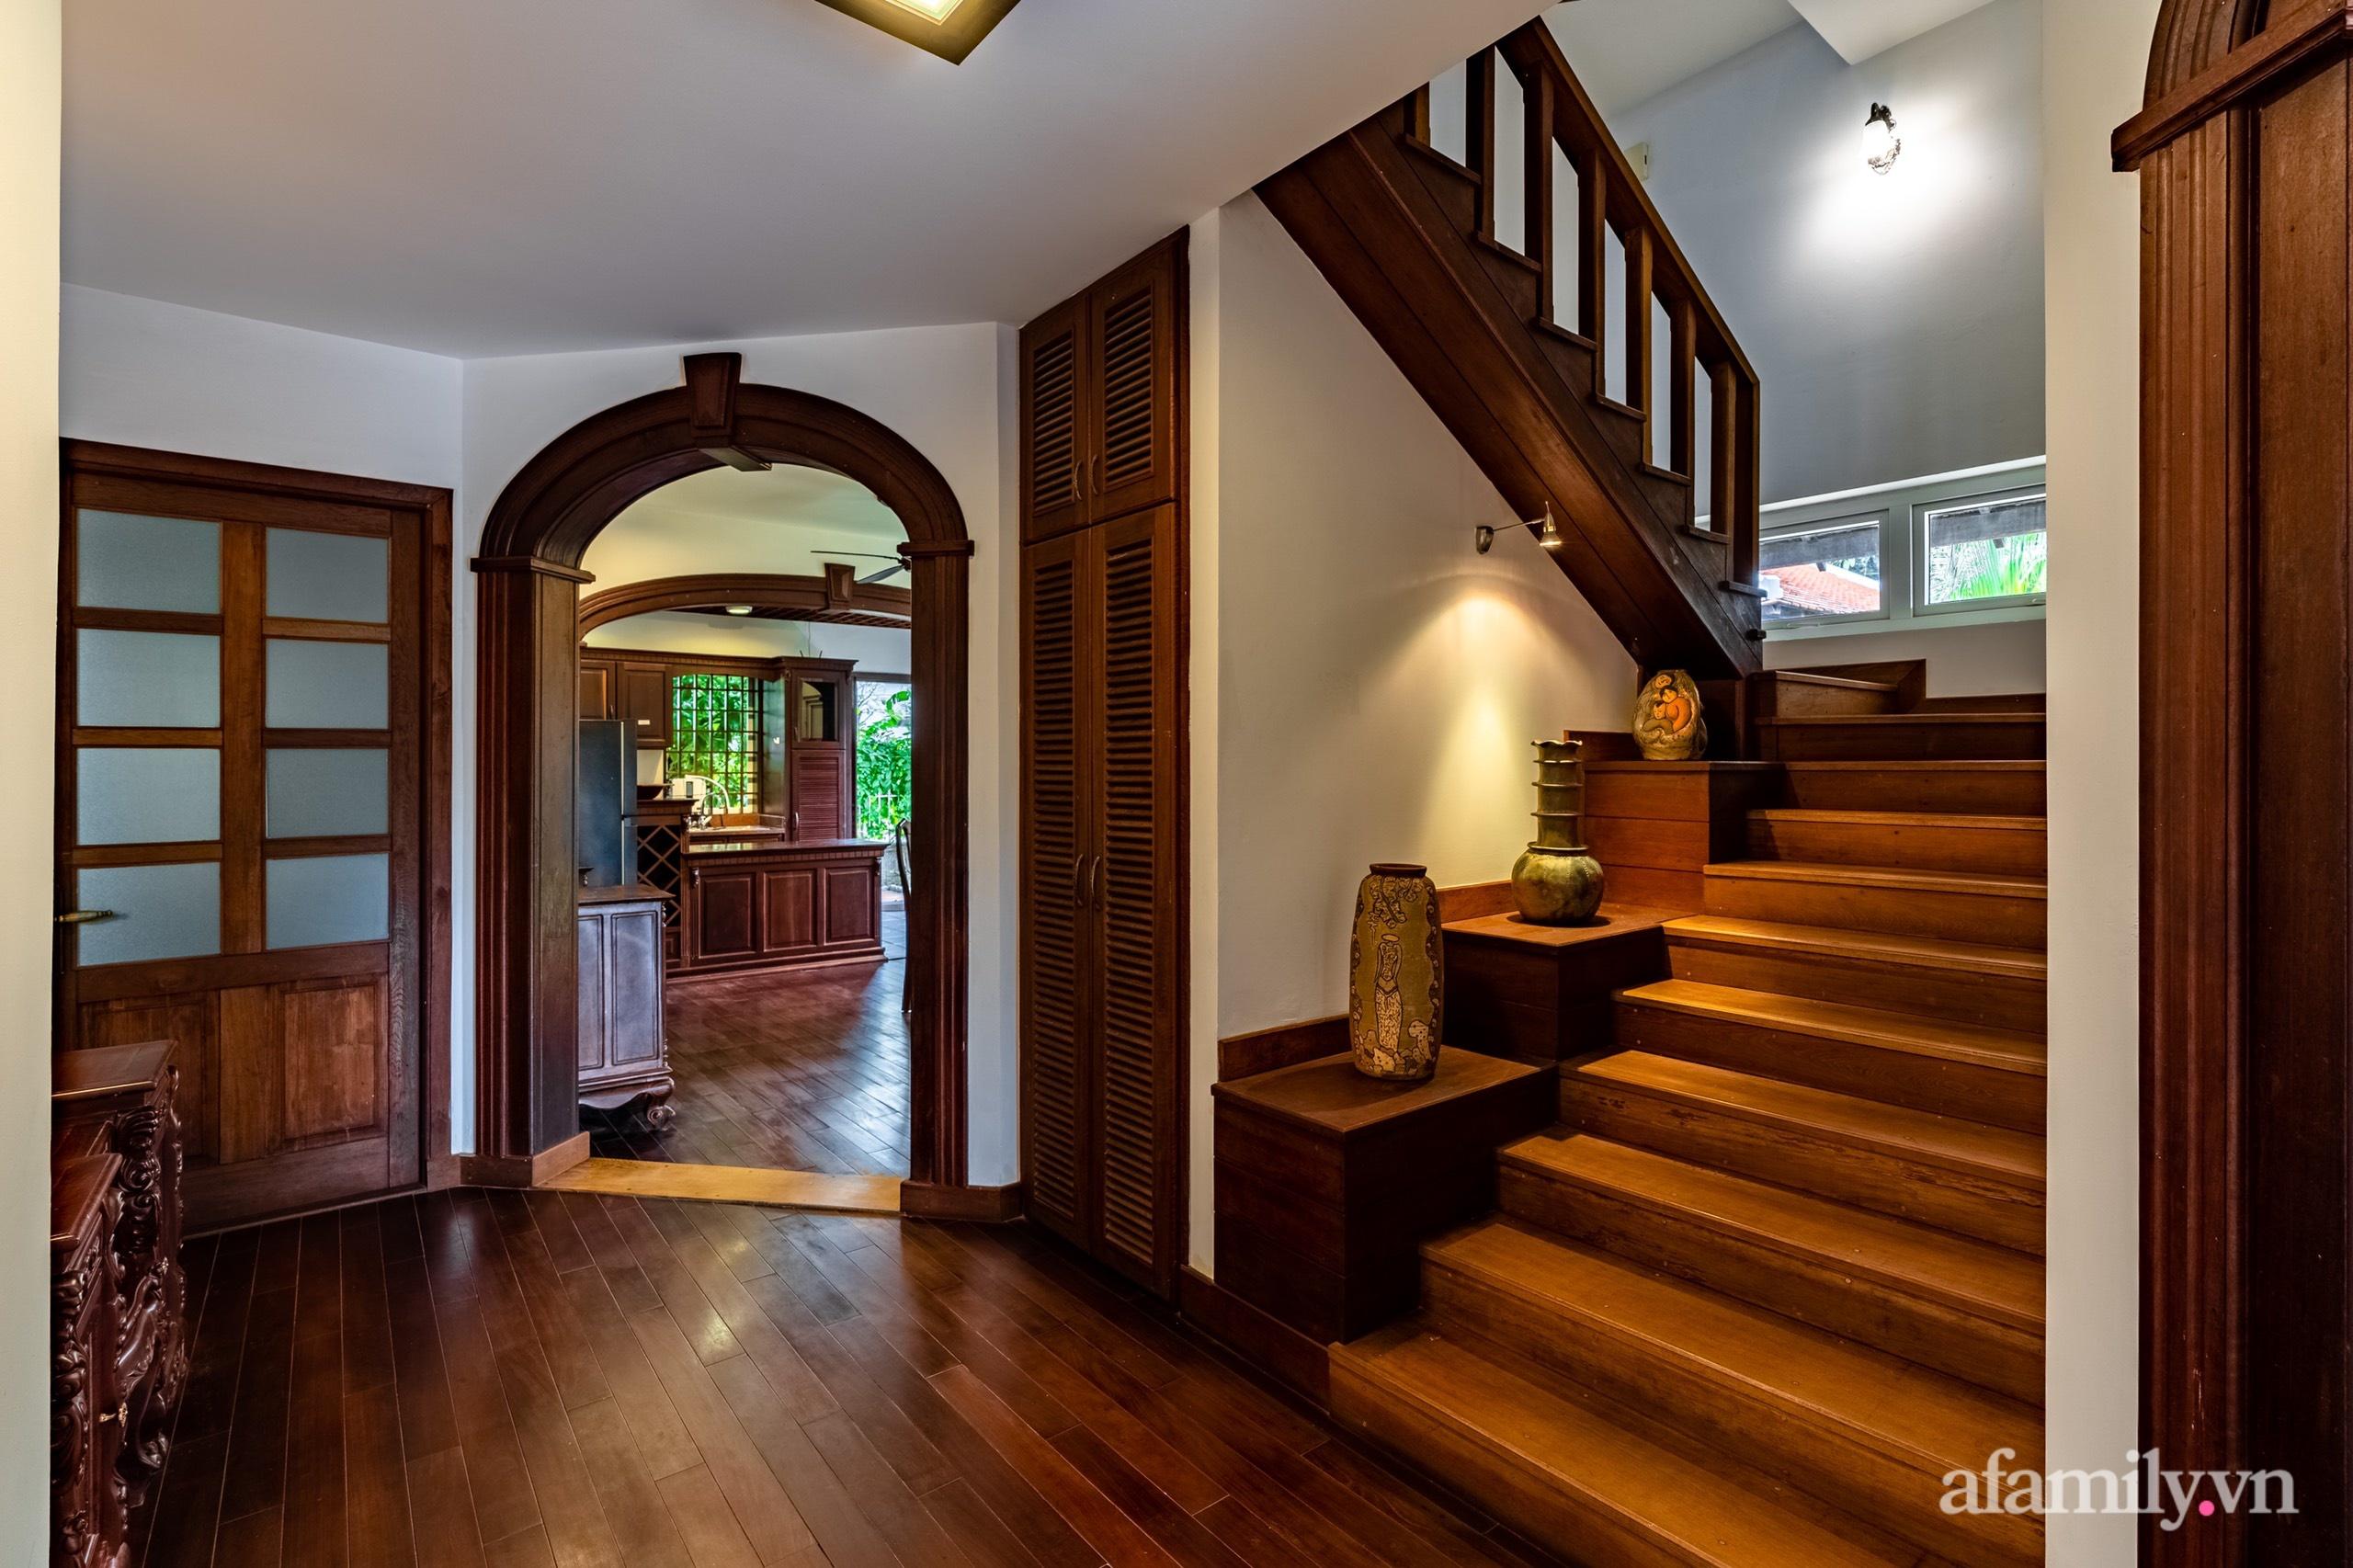 Căn nhà vườn xây 10 năm vẫn đẹp hút mắt với nội thất gỗ và cây xanh quanh nhà ở Nha Trang-21